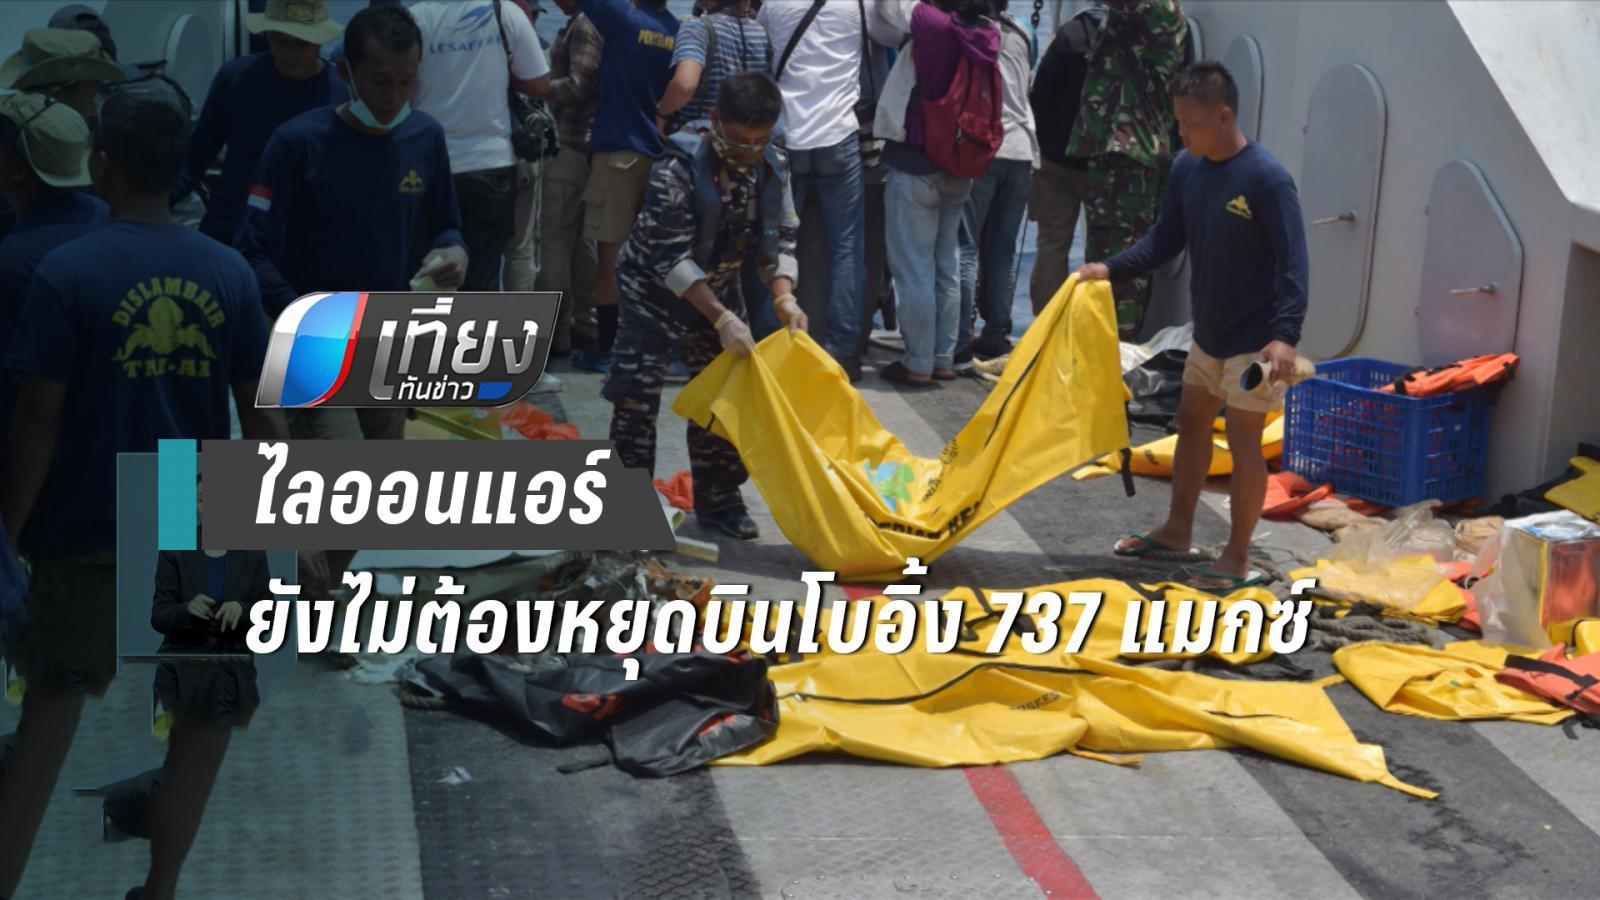 กพท.เผยไทยไลออนแอร์ยังไม่ต้องหยุดบินโบอิ้ง 737 แมกซ์